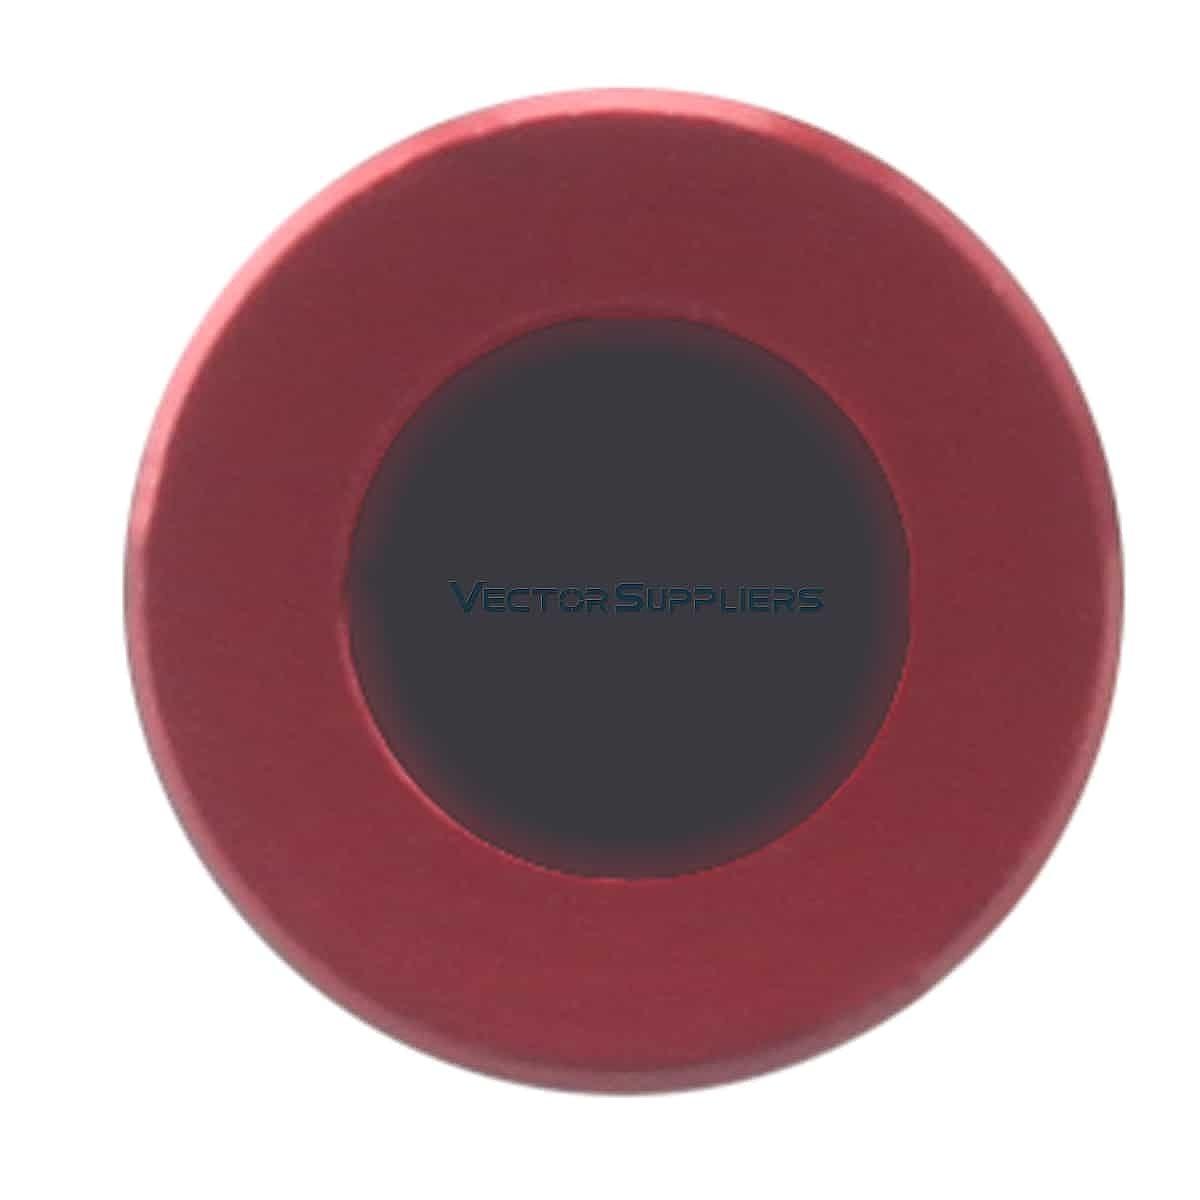 【お届け予定日: 6月30日】ベクターオプティクス  9mm  Vector Optics SCSC-04